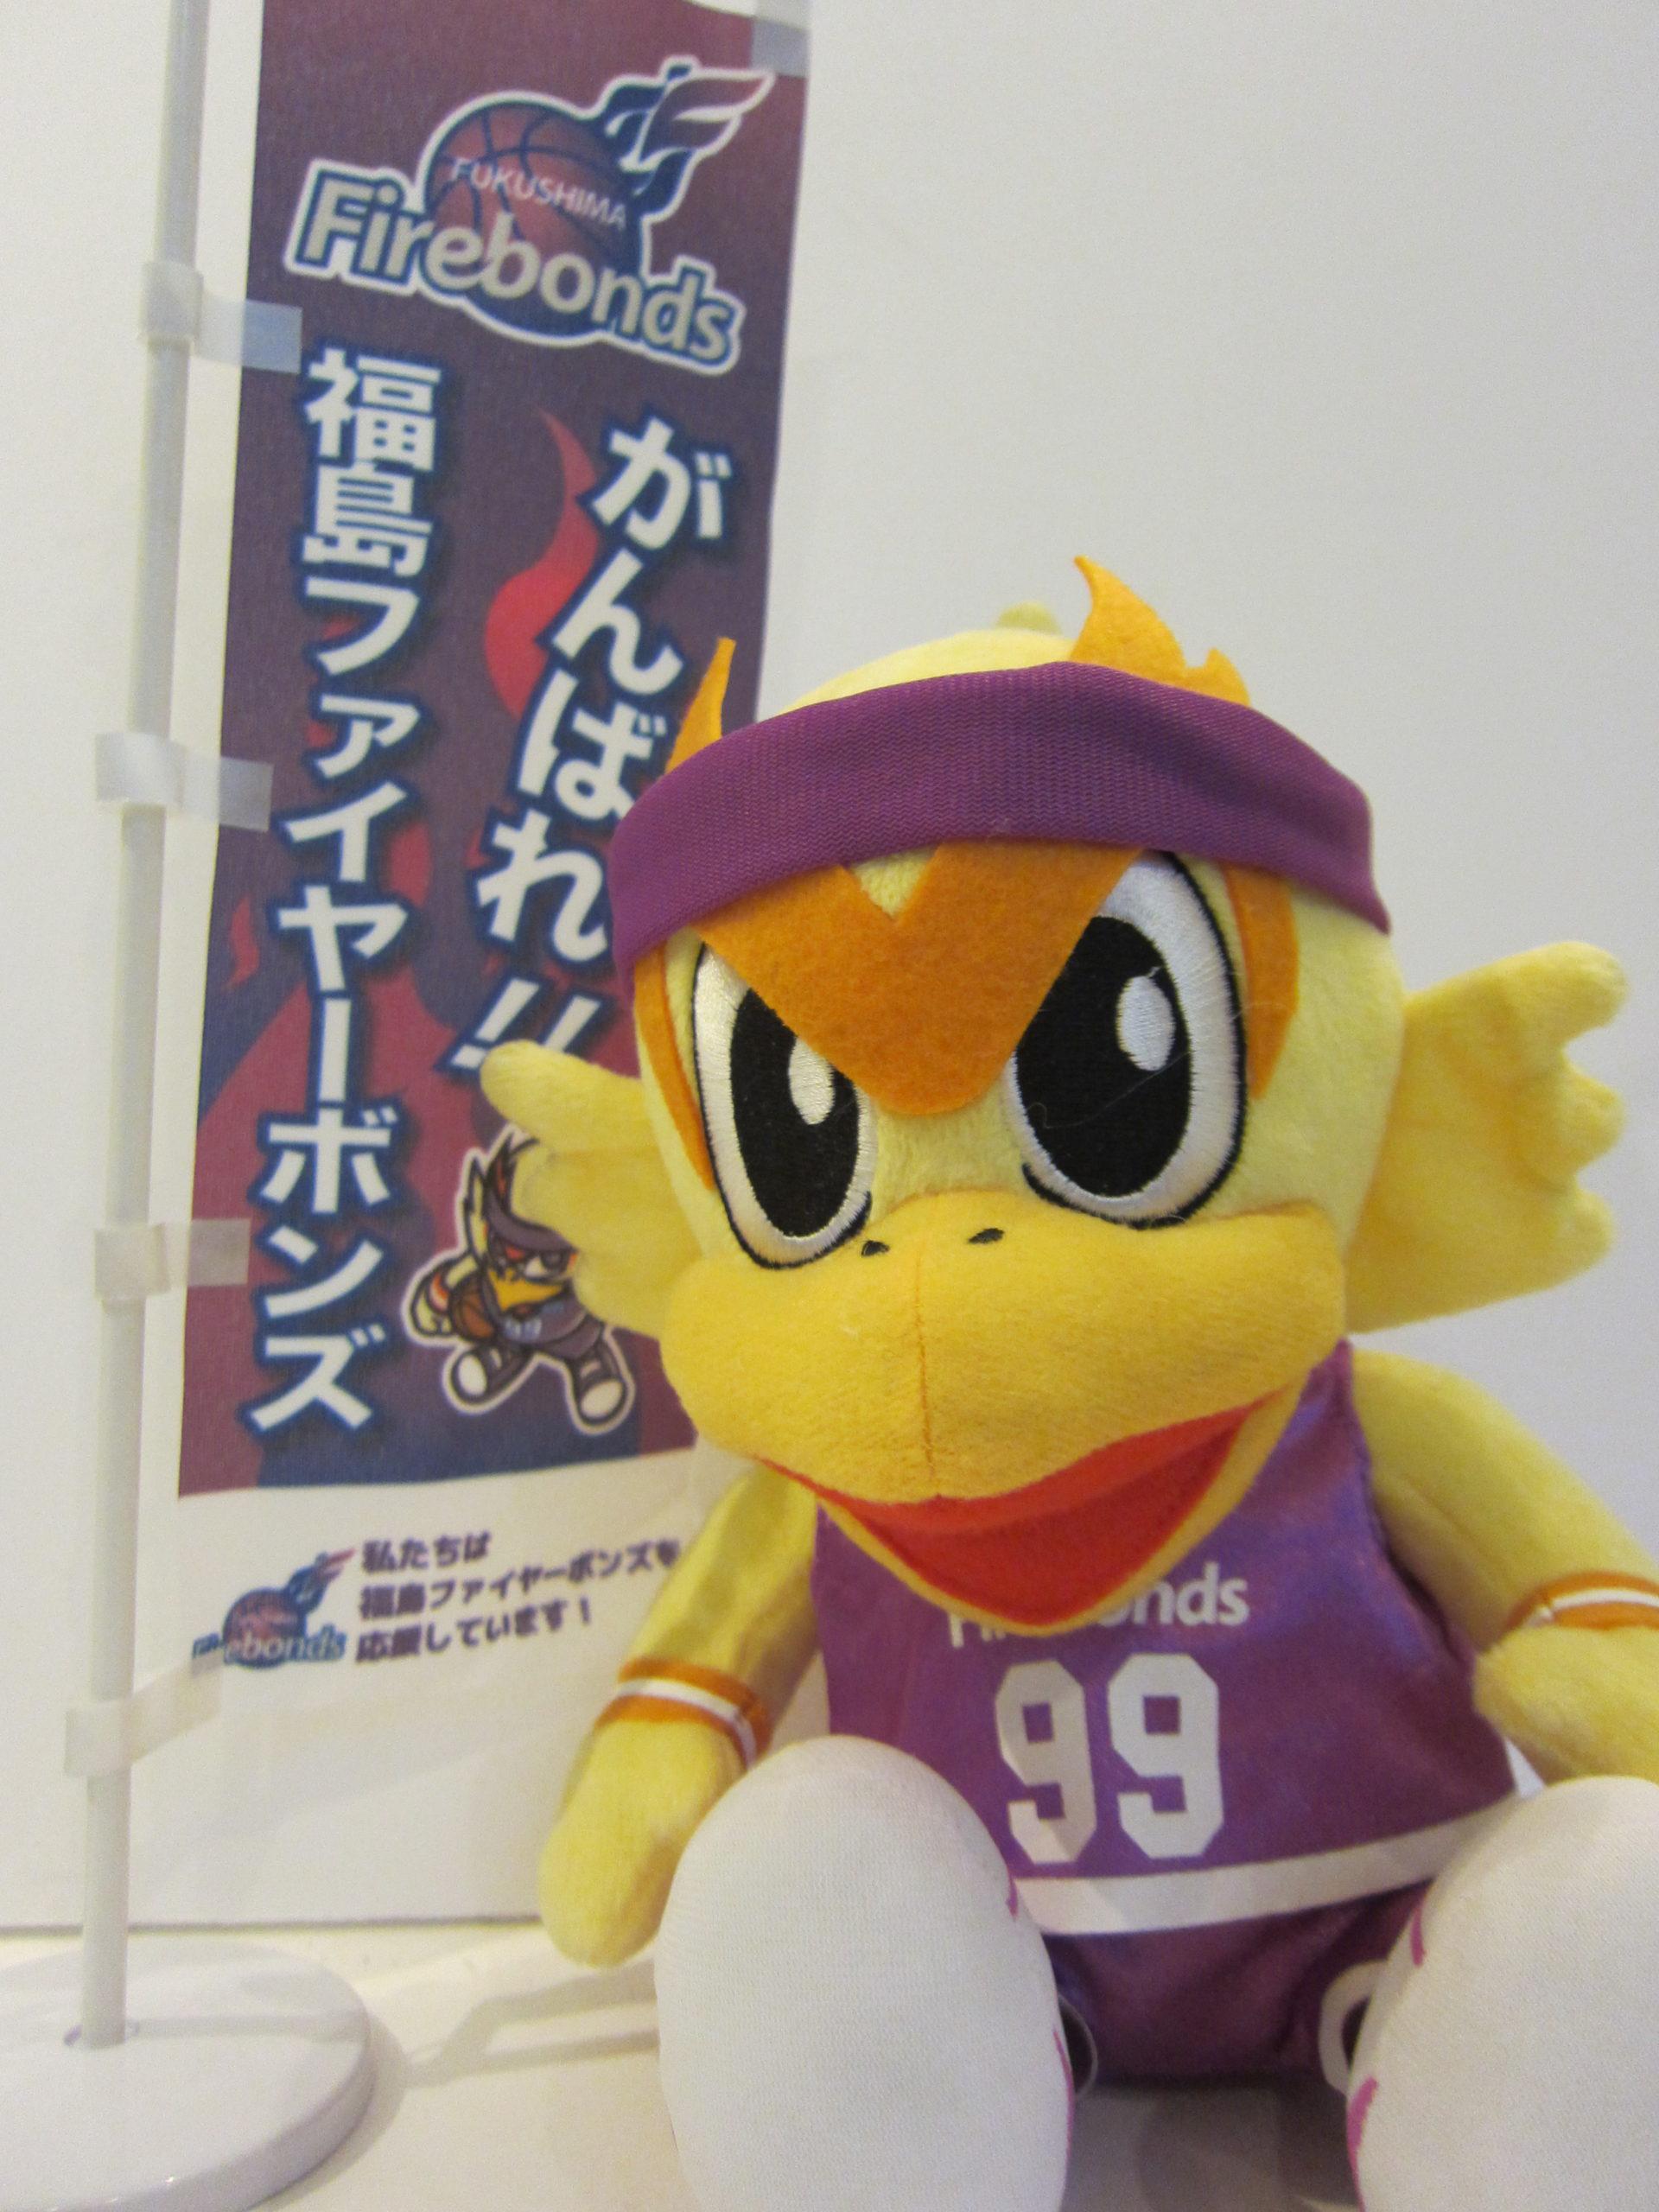 1月も福島ファイヤーボンズを応援しよう!